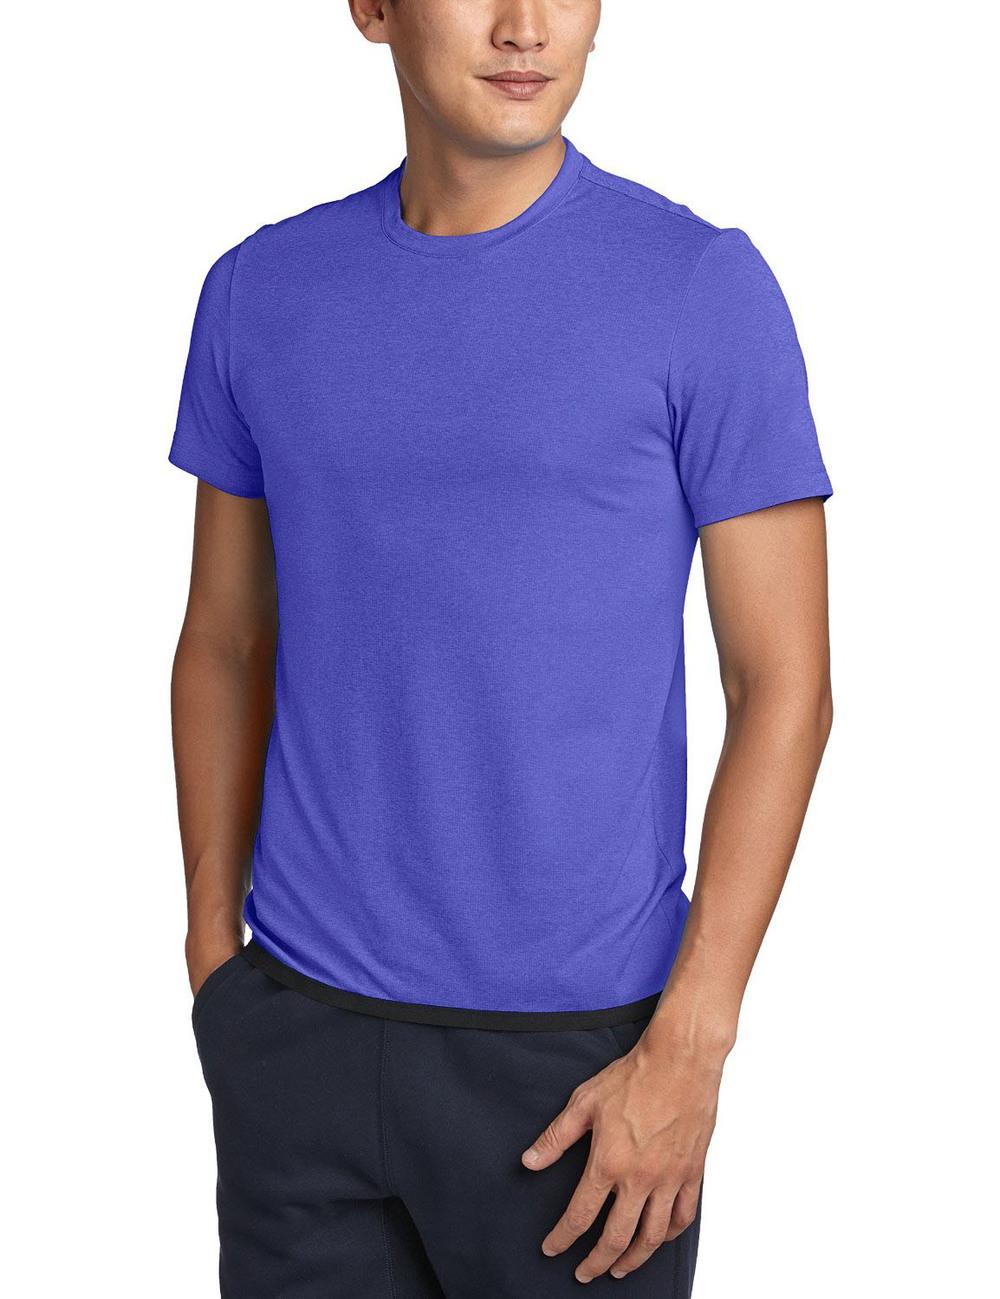 2016 Trendy Fantastic Unique Mens 100 Cotton T Shirts